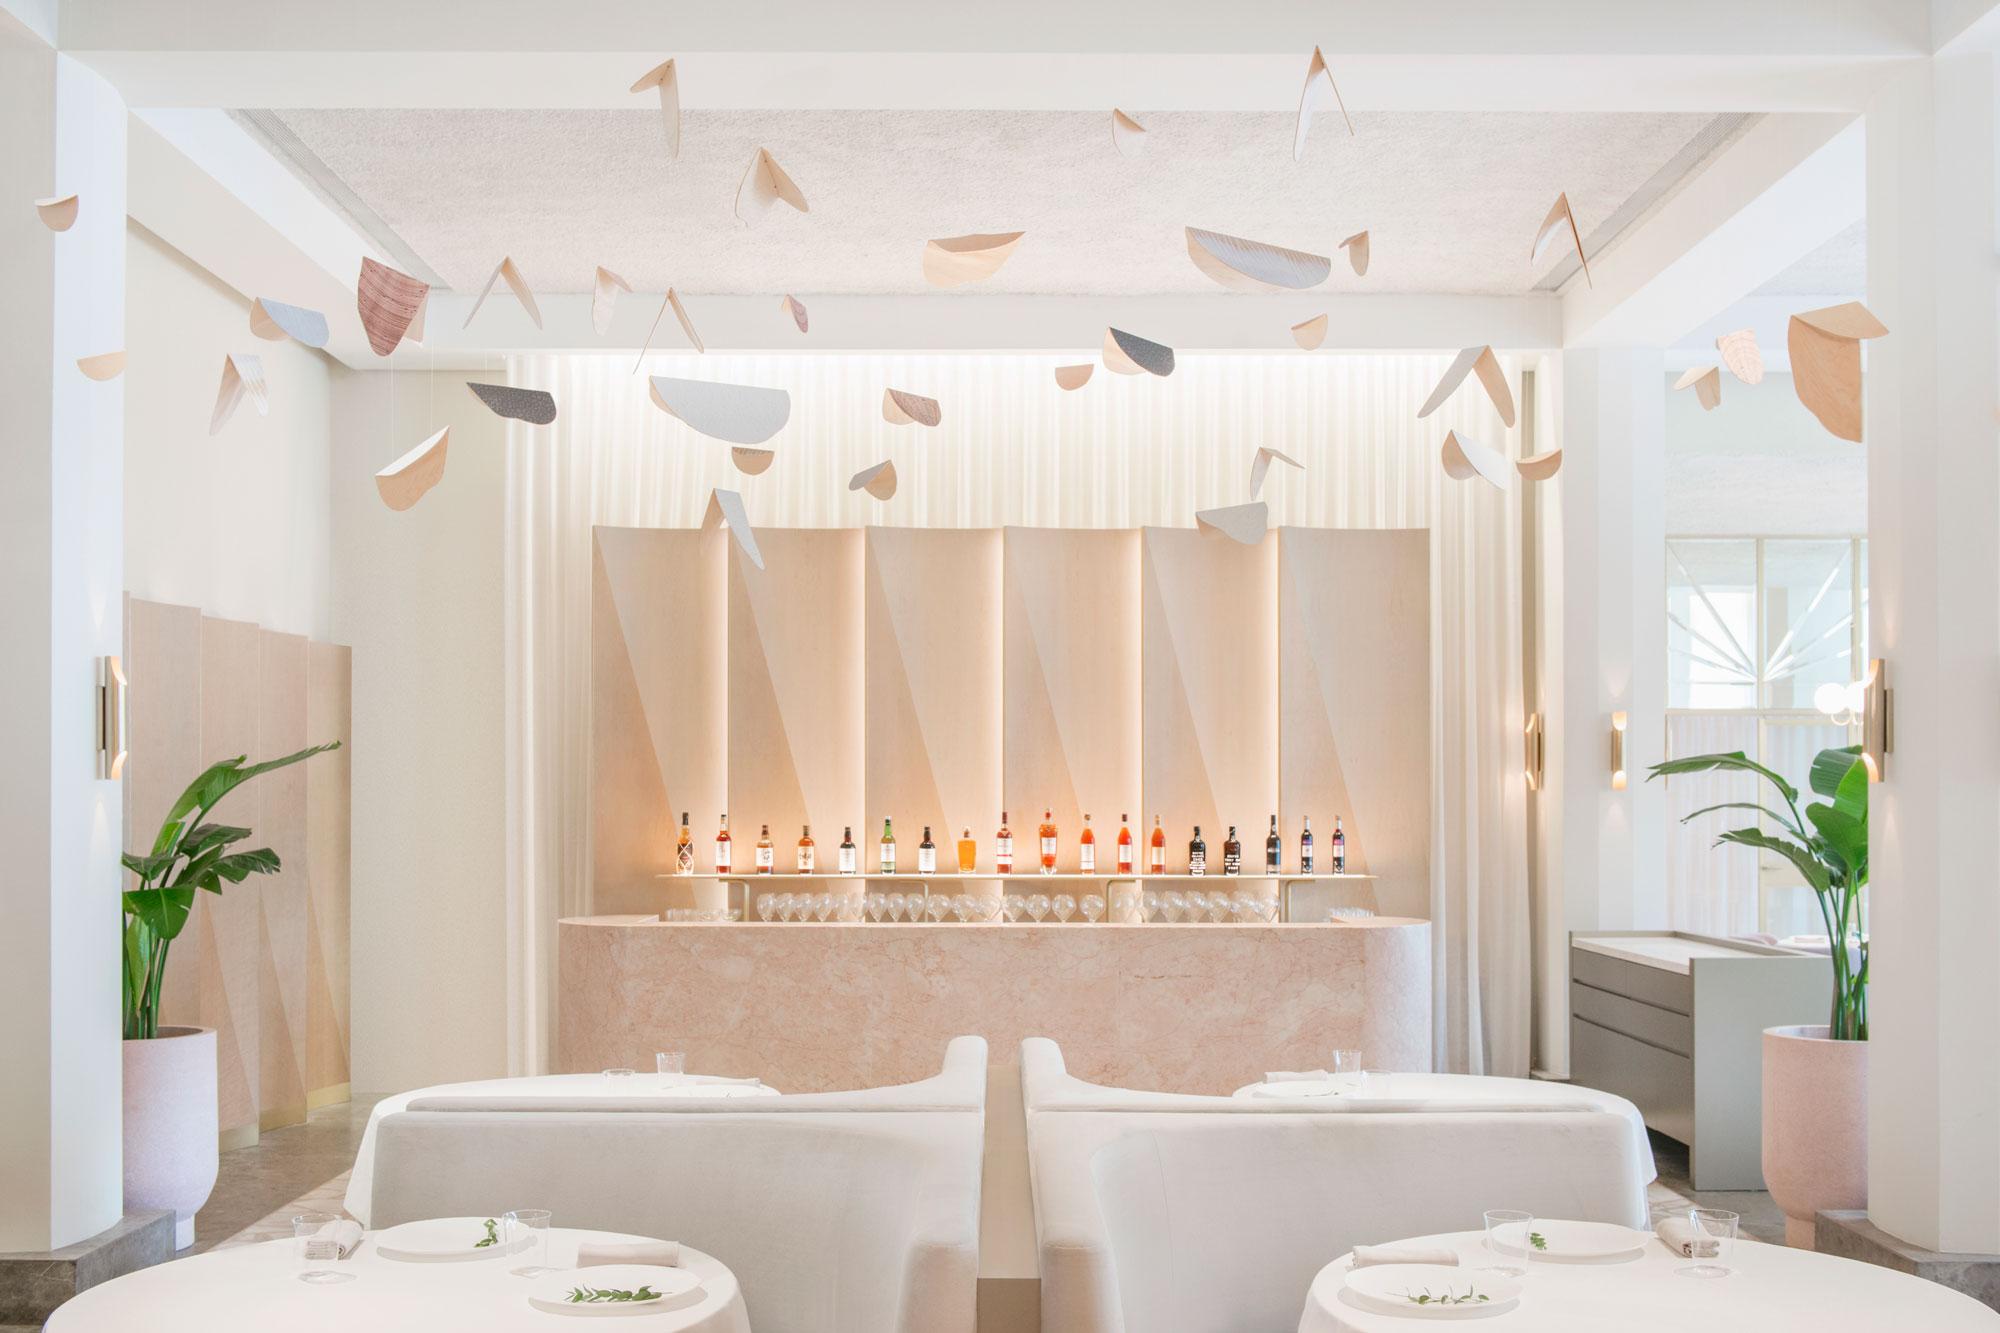 interior design Odette Restaurant in Singapur